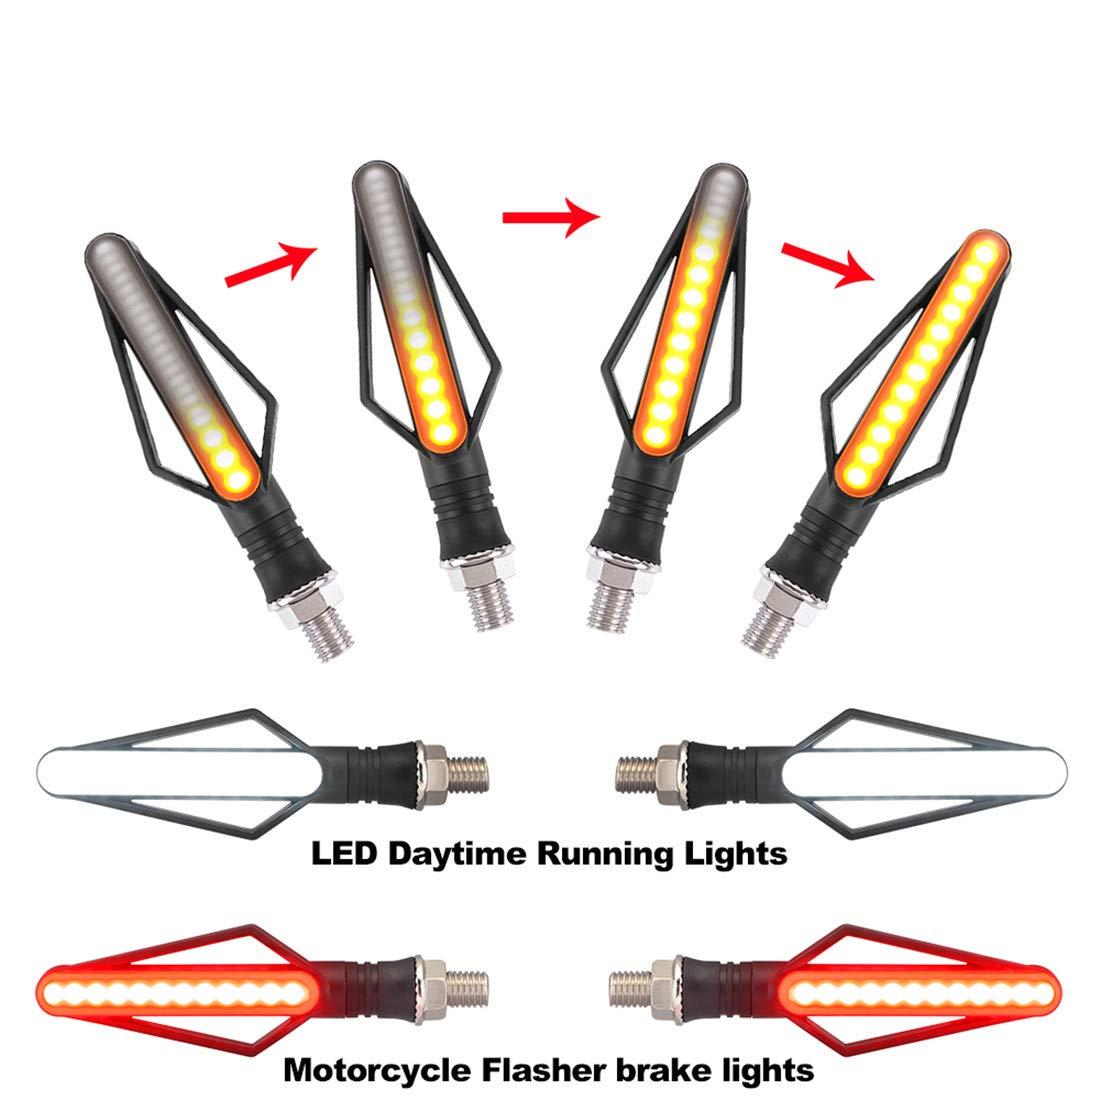 TOPWINRR Moto LED Clignotants Indicateurs avec Feux Diurnes Avant DRL Feux Stop Arri/ère Eclairage Ecoulement Ambre DC 12V Lot de 4